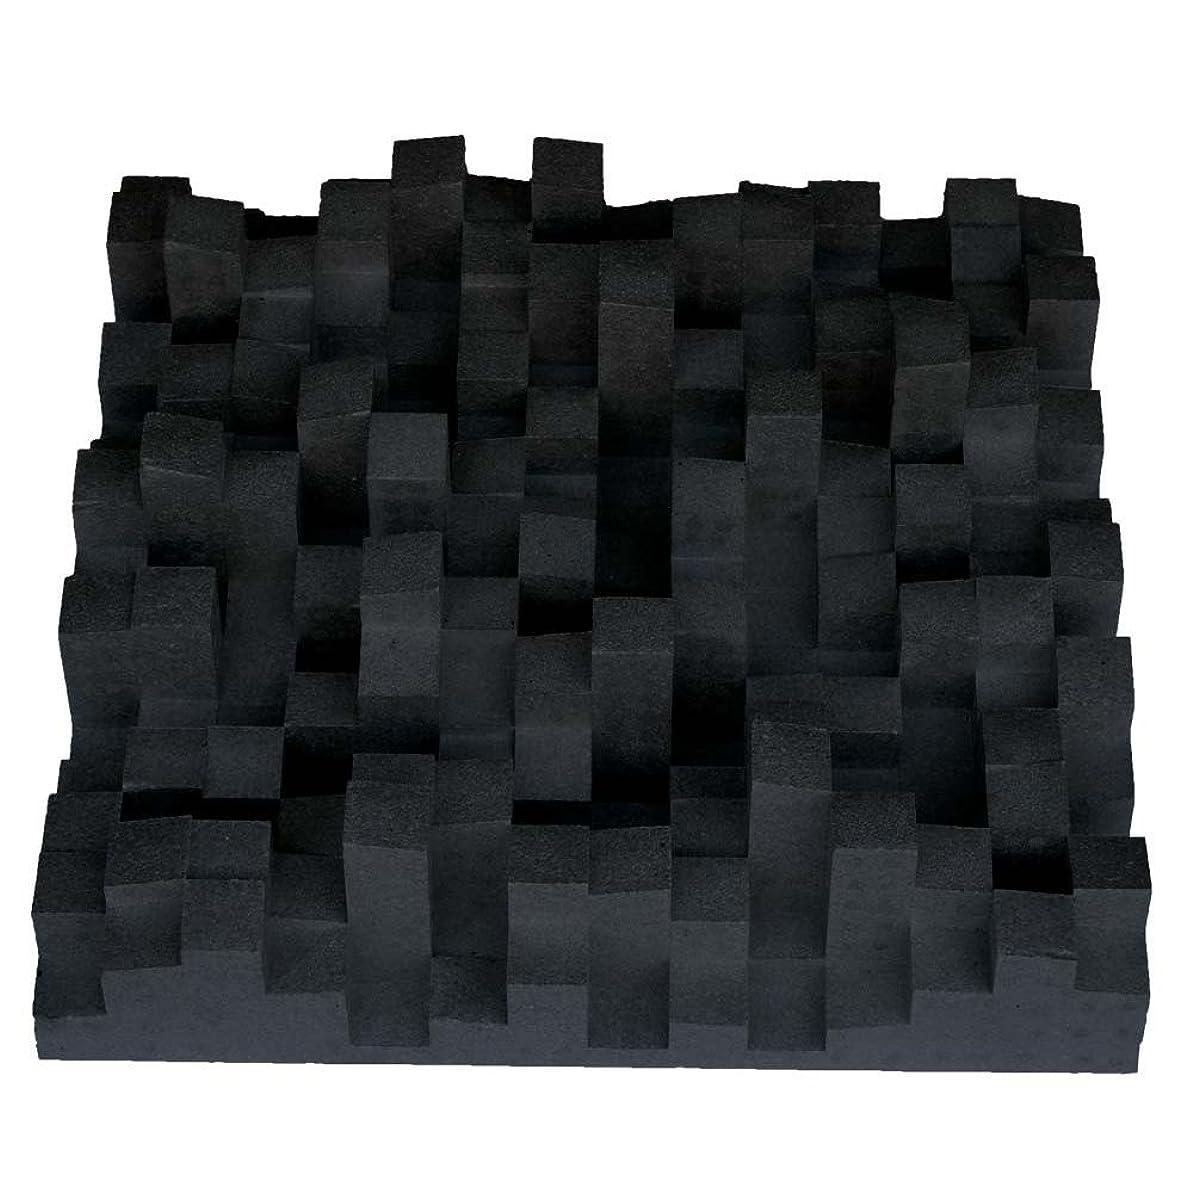 ジェット遷移いたずらVicoustic Multifuser DC2 拡散パネル 高域用 6枚入 (Black)